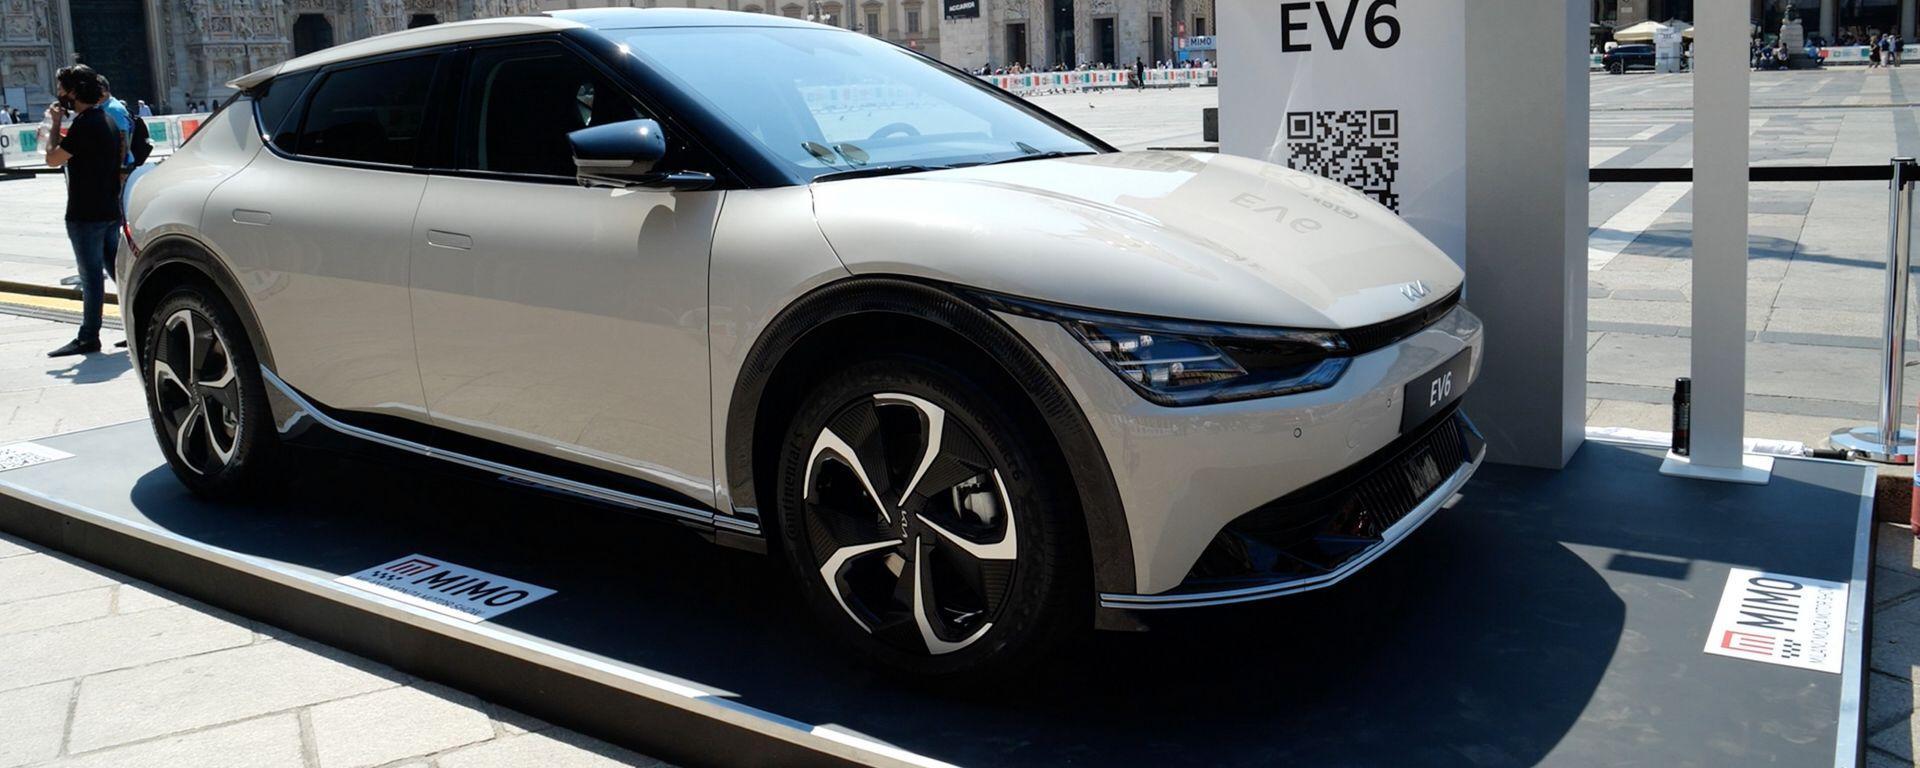 Nuova Kia EV6, MIMO 2021